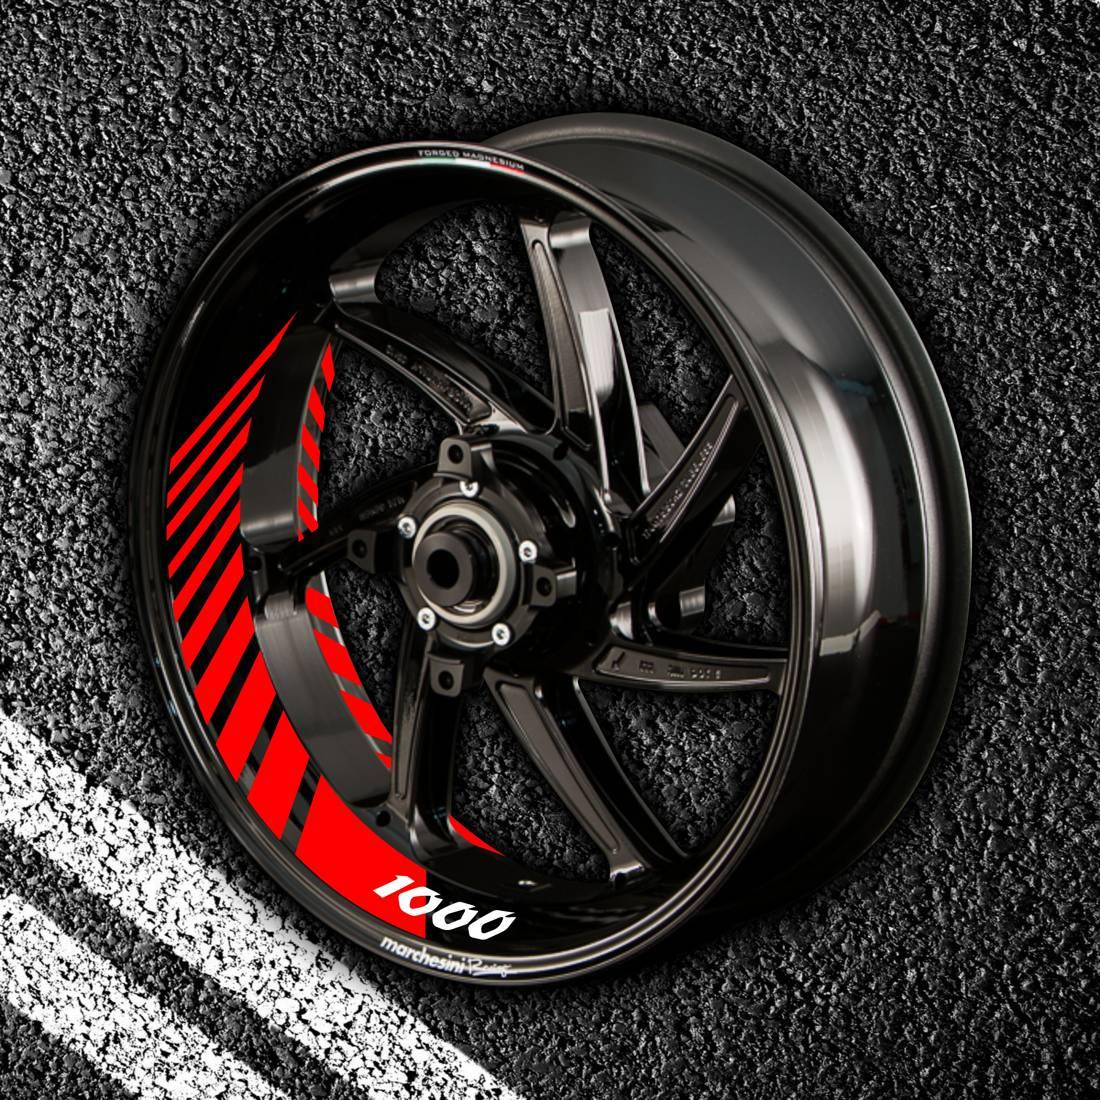 Комплект наклеек с полосами на колеса мотоцикла DUCATI 1000